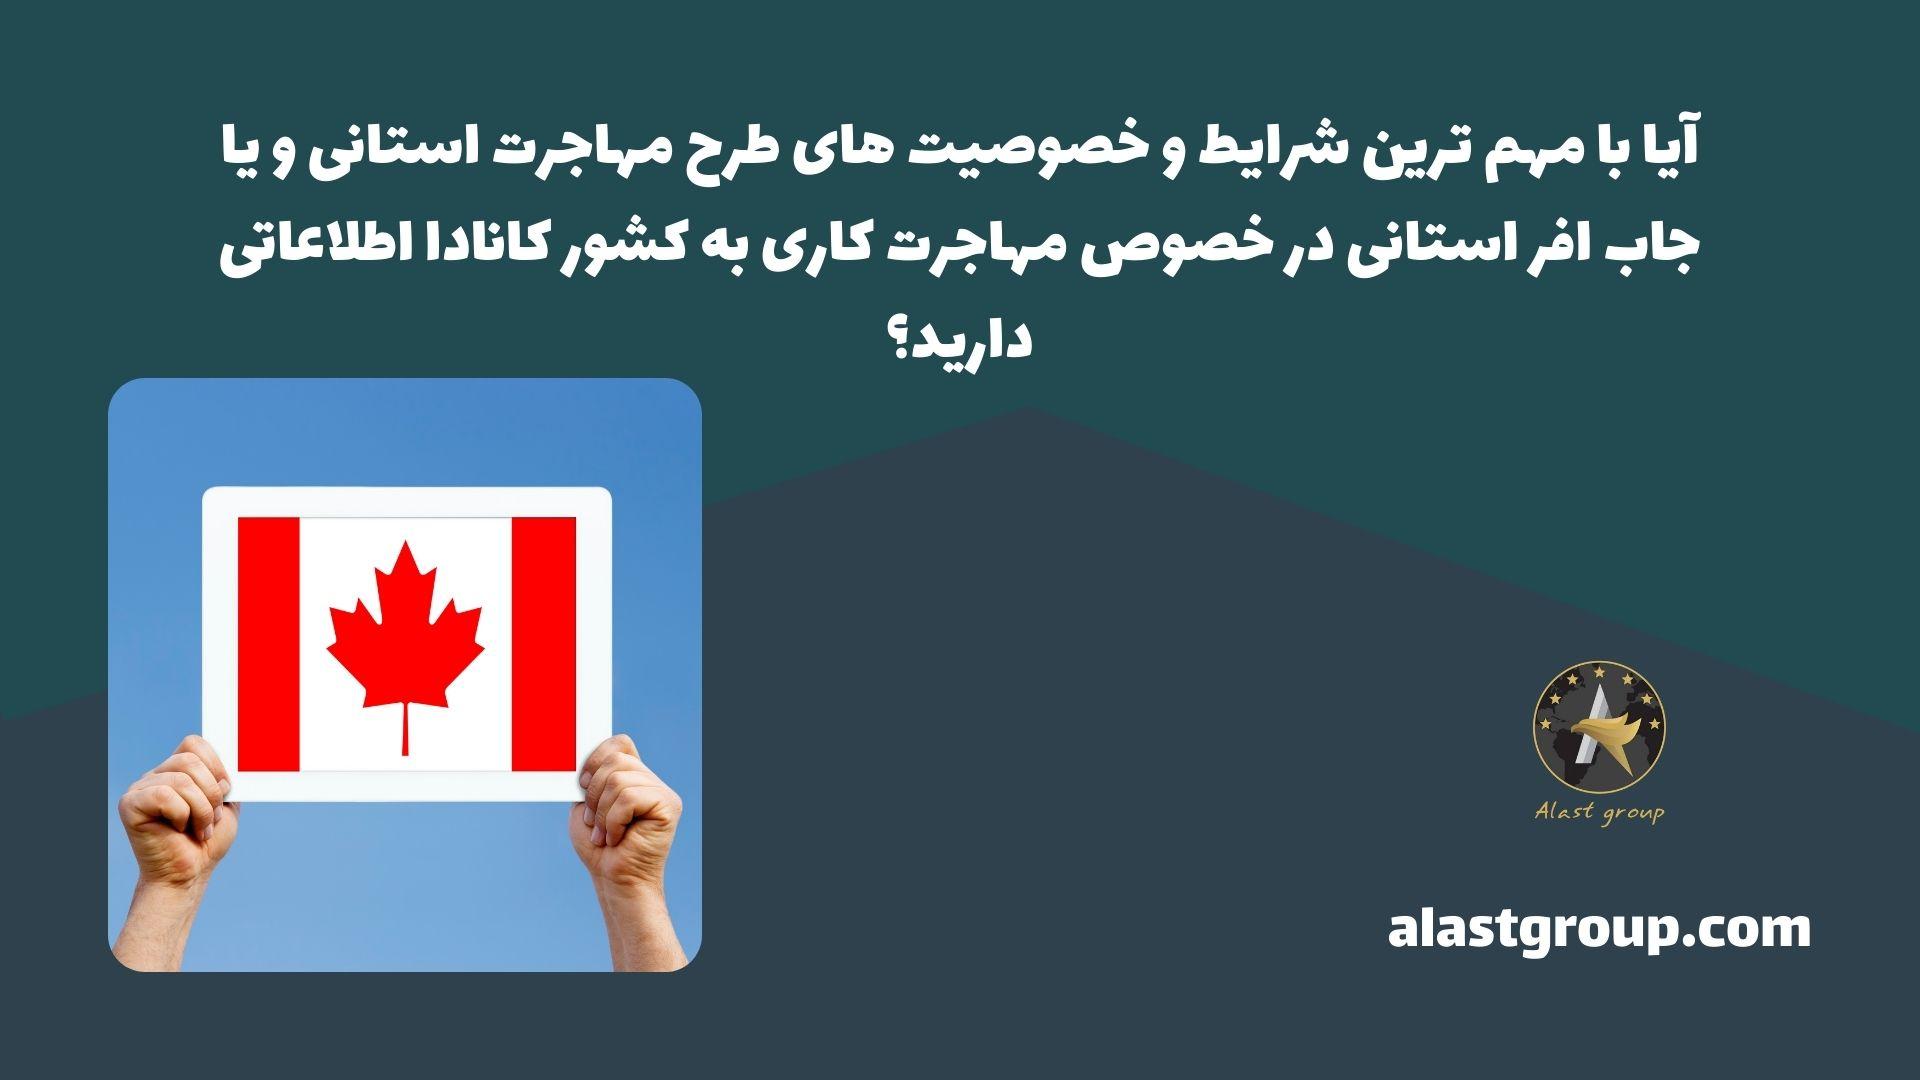 آیا با مهم ترین شرایط و خصوصیت های طرح مهاجرت استانی و یا جاب آفر استانی در خصوص مهاجرت کاری به کشور کانادا اطلاعاتی دارید؟